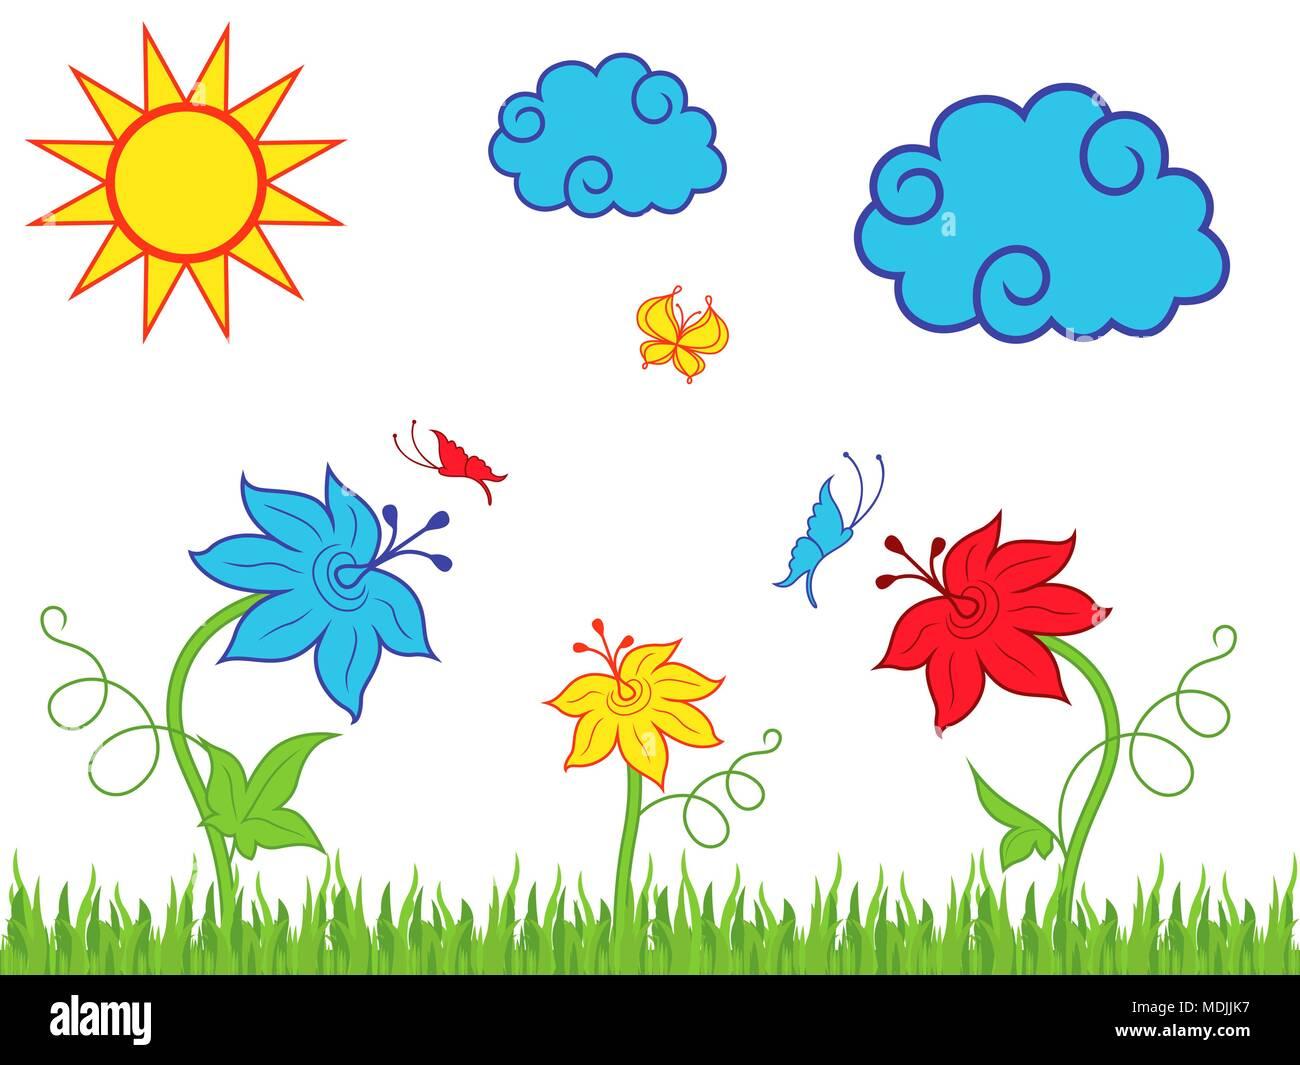 Imagenes de nubes infantiles silueta infantil osito en nube with imagenes de nubes infantiles - Imagenes de nubes infantiles ...